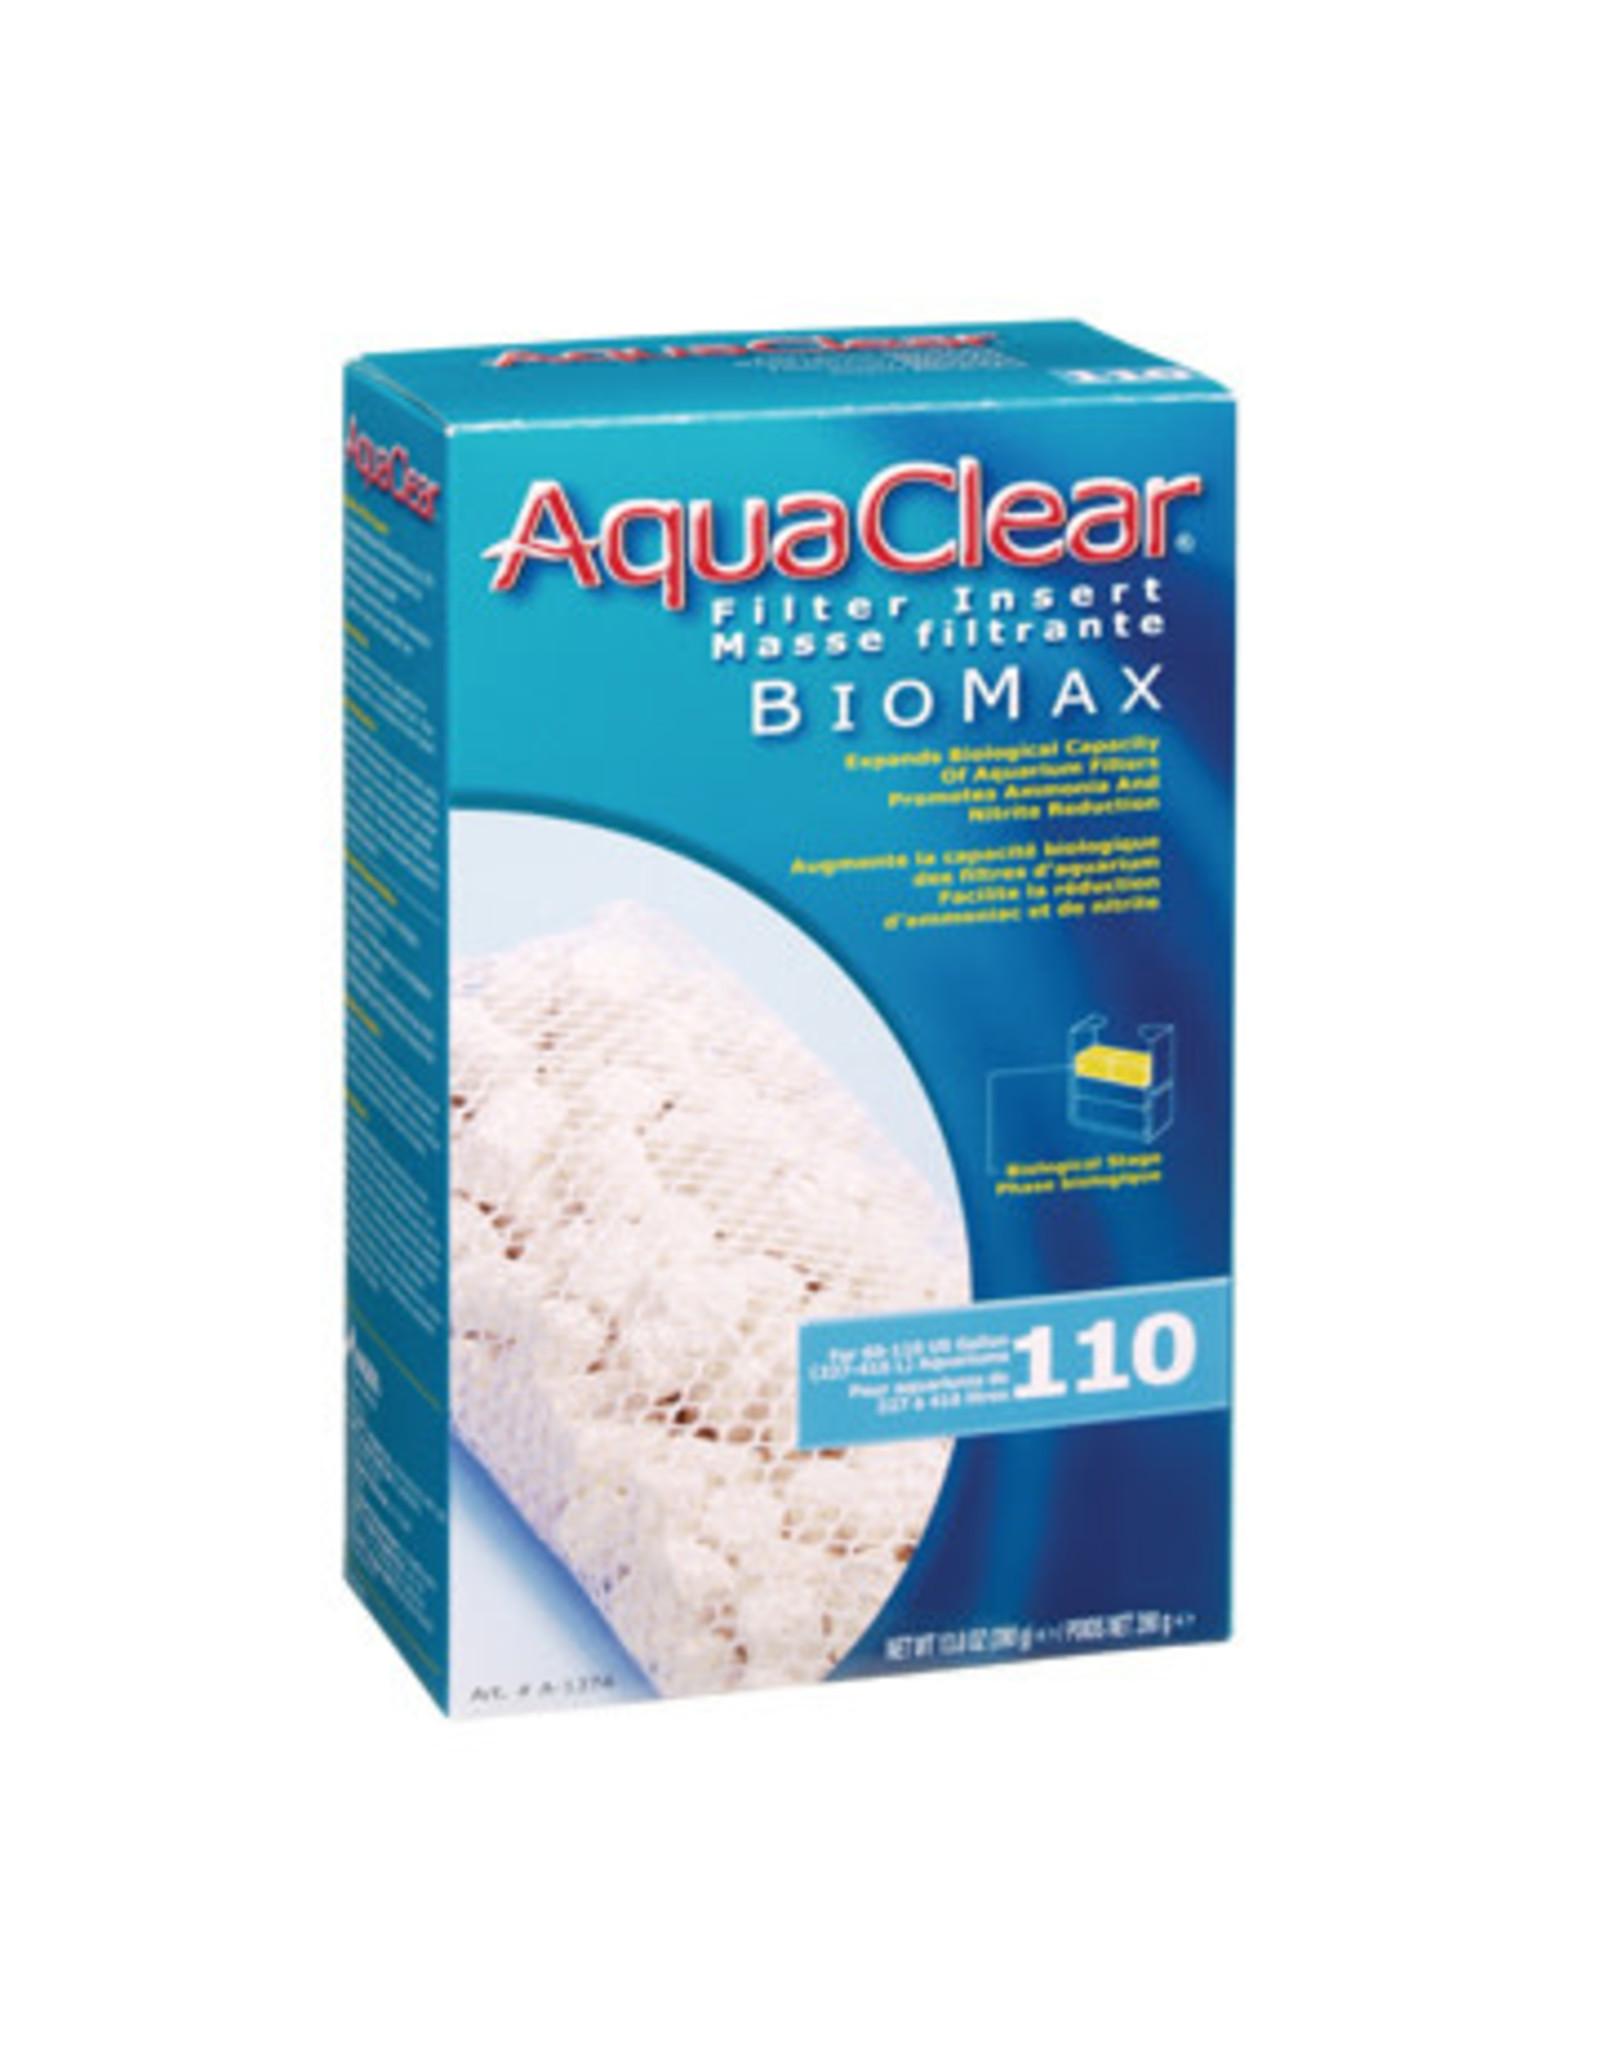 AquaClear AquaClear 110 Bio-Max Insert 390g